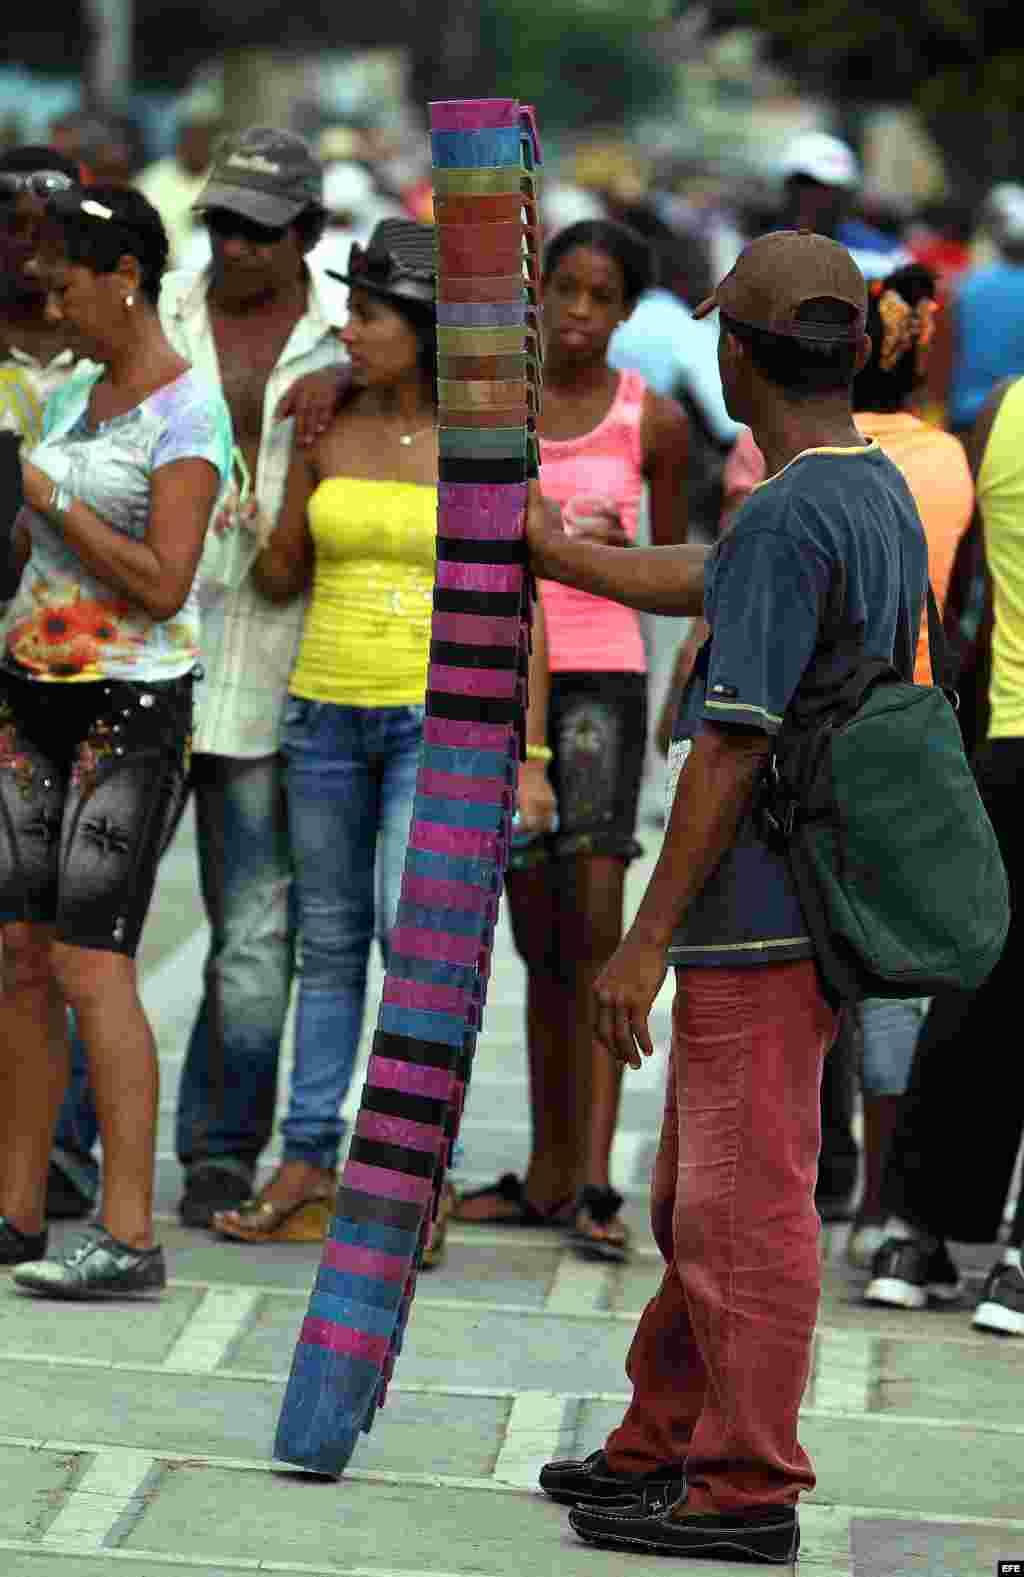 Un hombre vende jarras para tomar cerveza en área de carnaval en la ciudad de Santiago de Cuba.